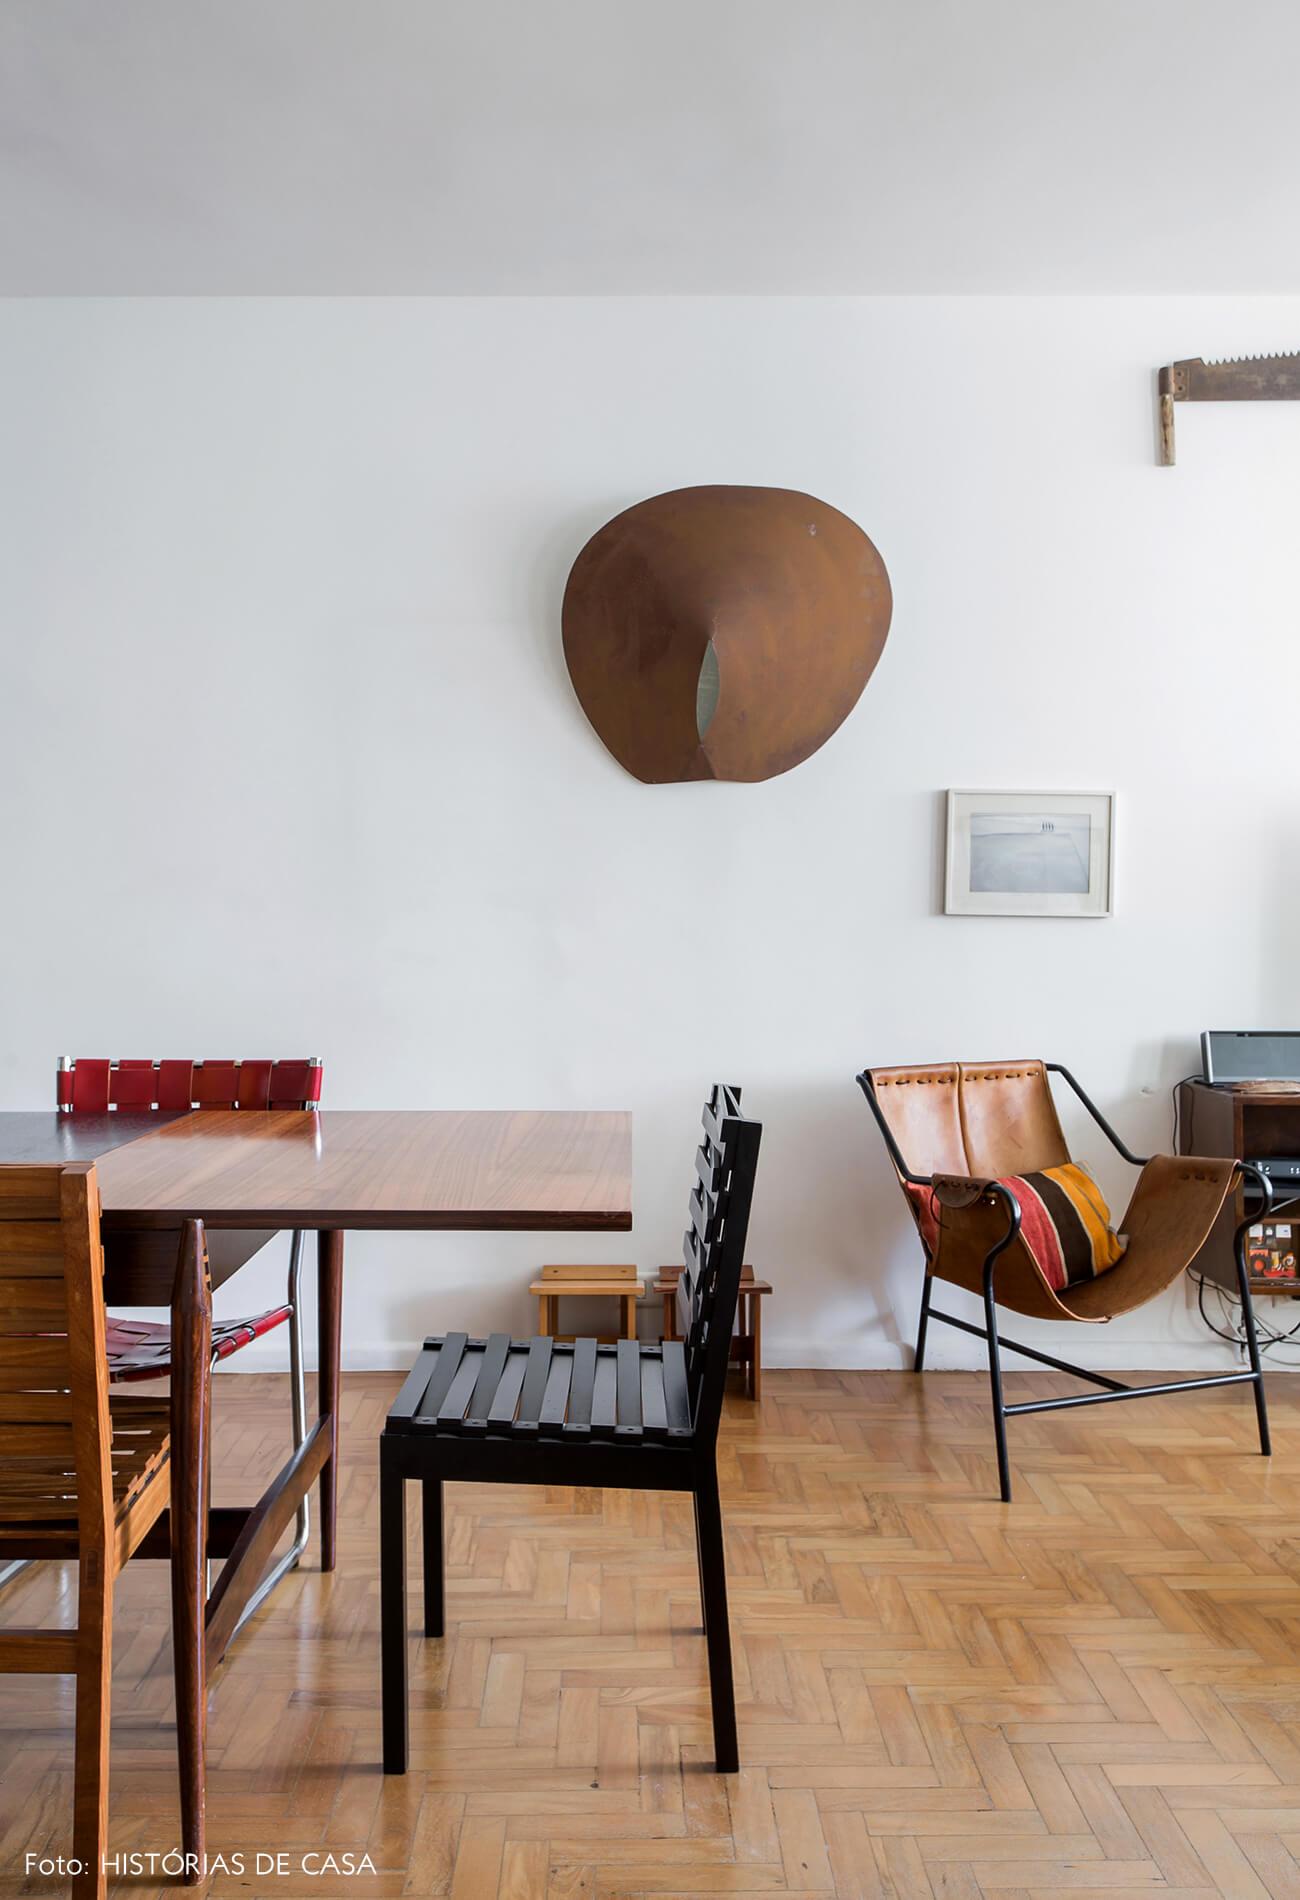 Sala de jantar com piso de tacos e cadeiras de design